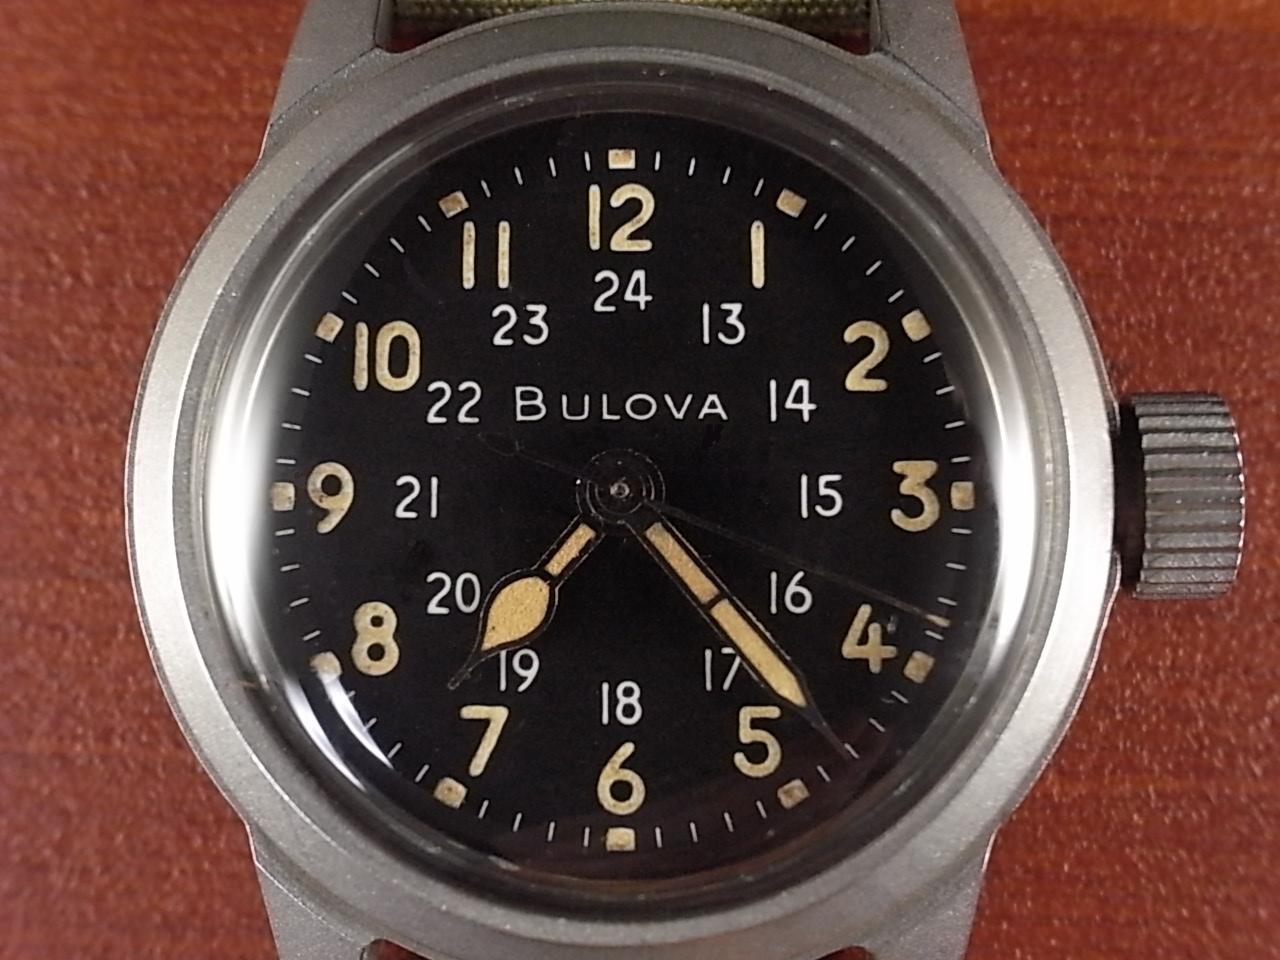 ブローバ 軍用時計 米軍 MIL-W-3818A ニアミント 1950年代の写真2枚目